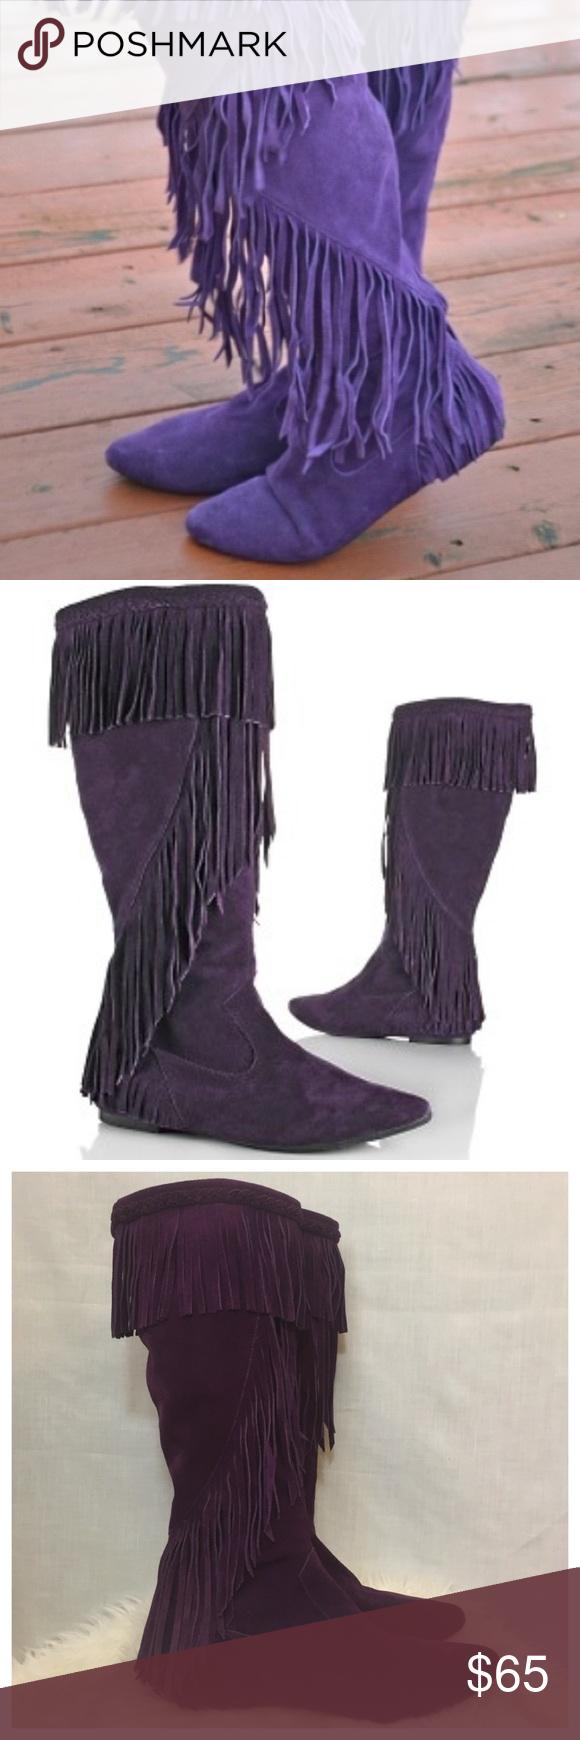 be508c1e2afd15 Sam Edelman Purple Utah Fringe Suede Boots Sz 9 Sam Edelman Purple Utah  Fringe Boho Leather Suede Boots Ladies • Sz 9 •  225 retail • Long fringe  encircles ...